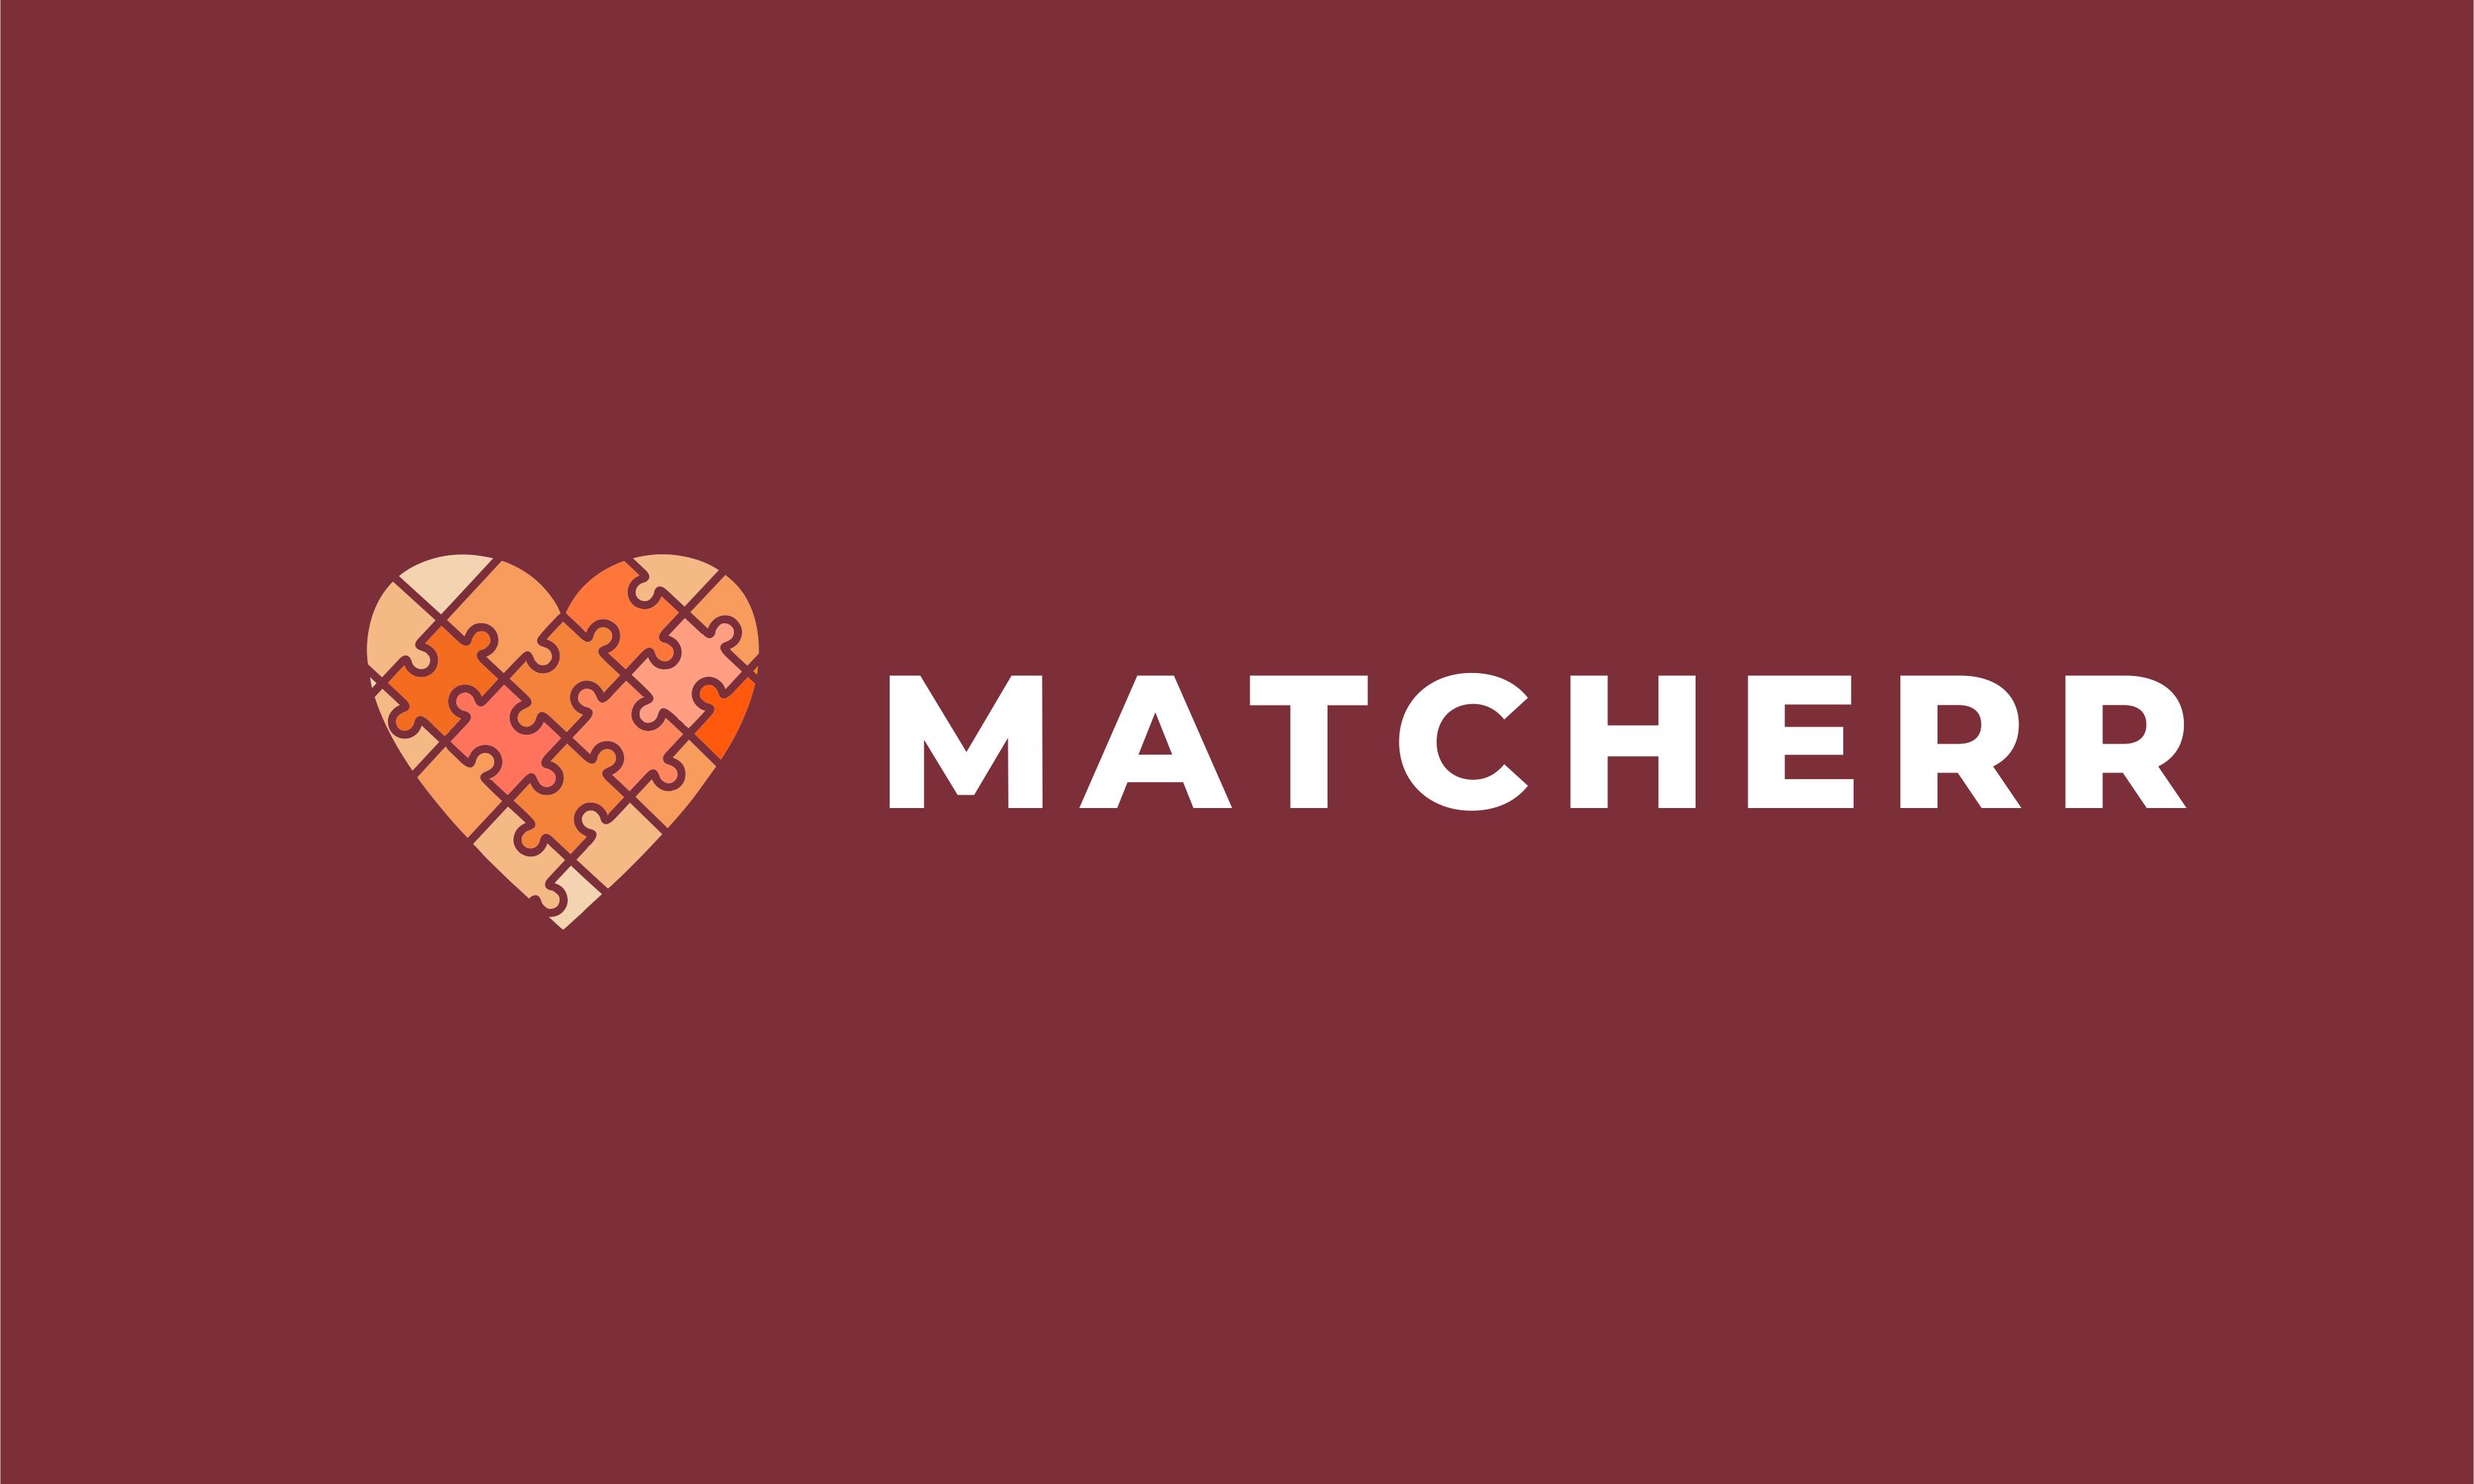 Matcherr